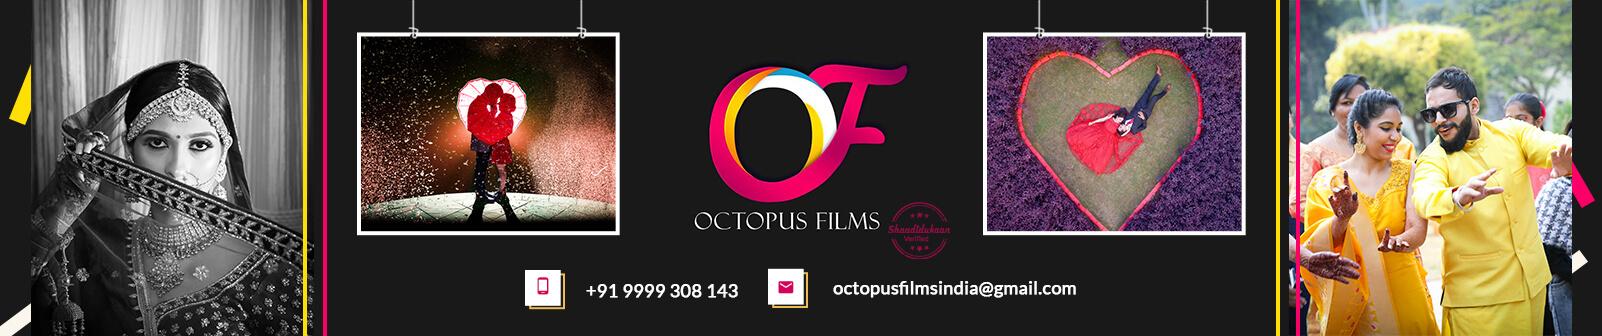 Octopus Films